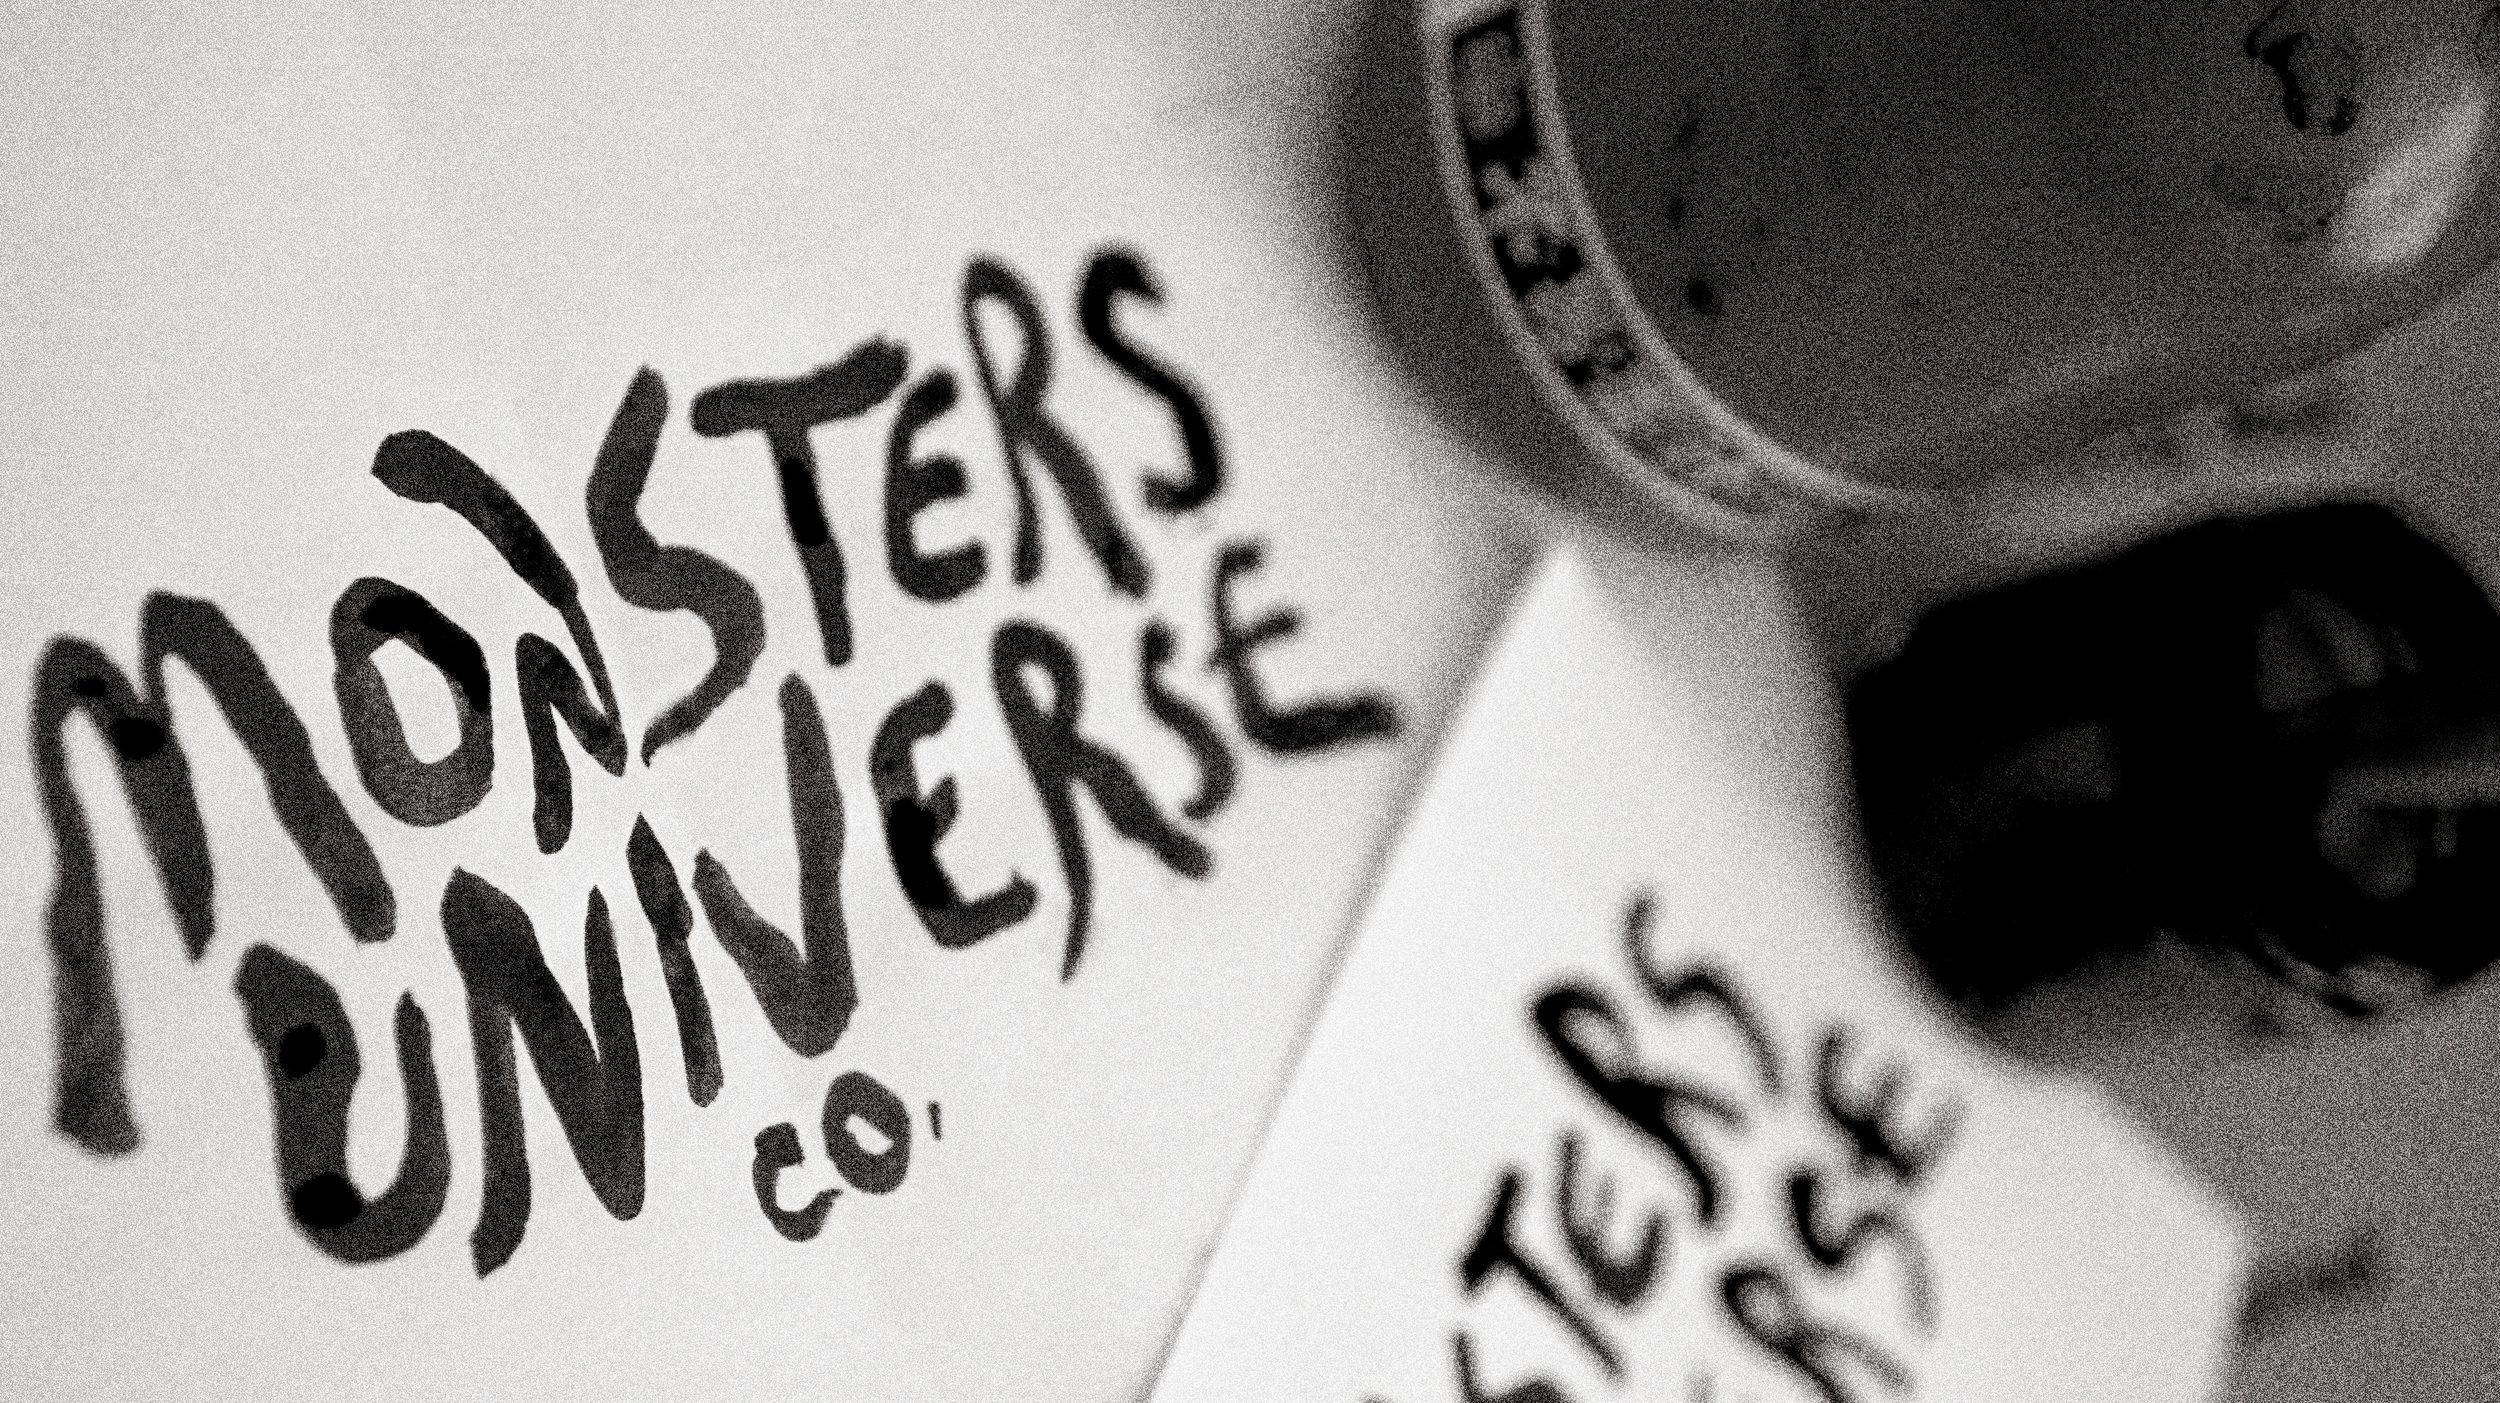 monsterslogo.jpg